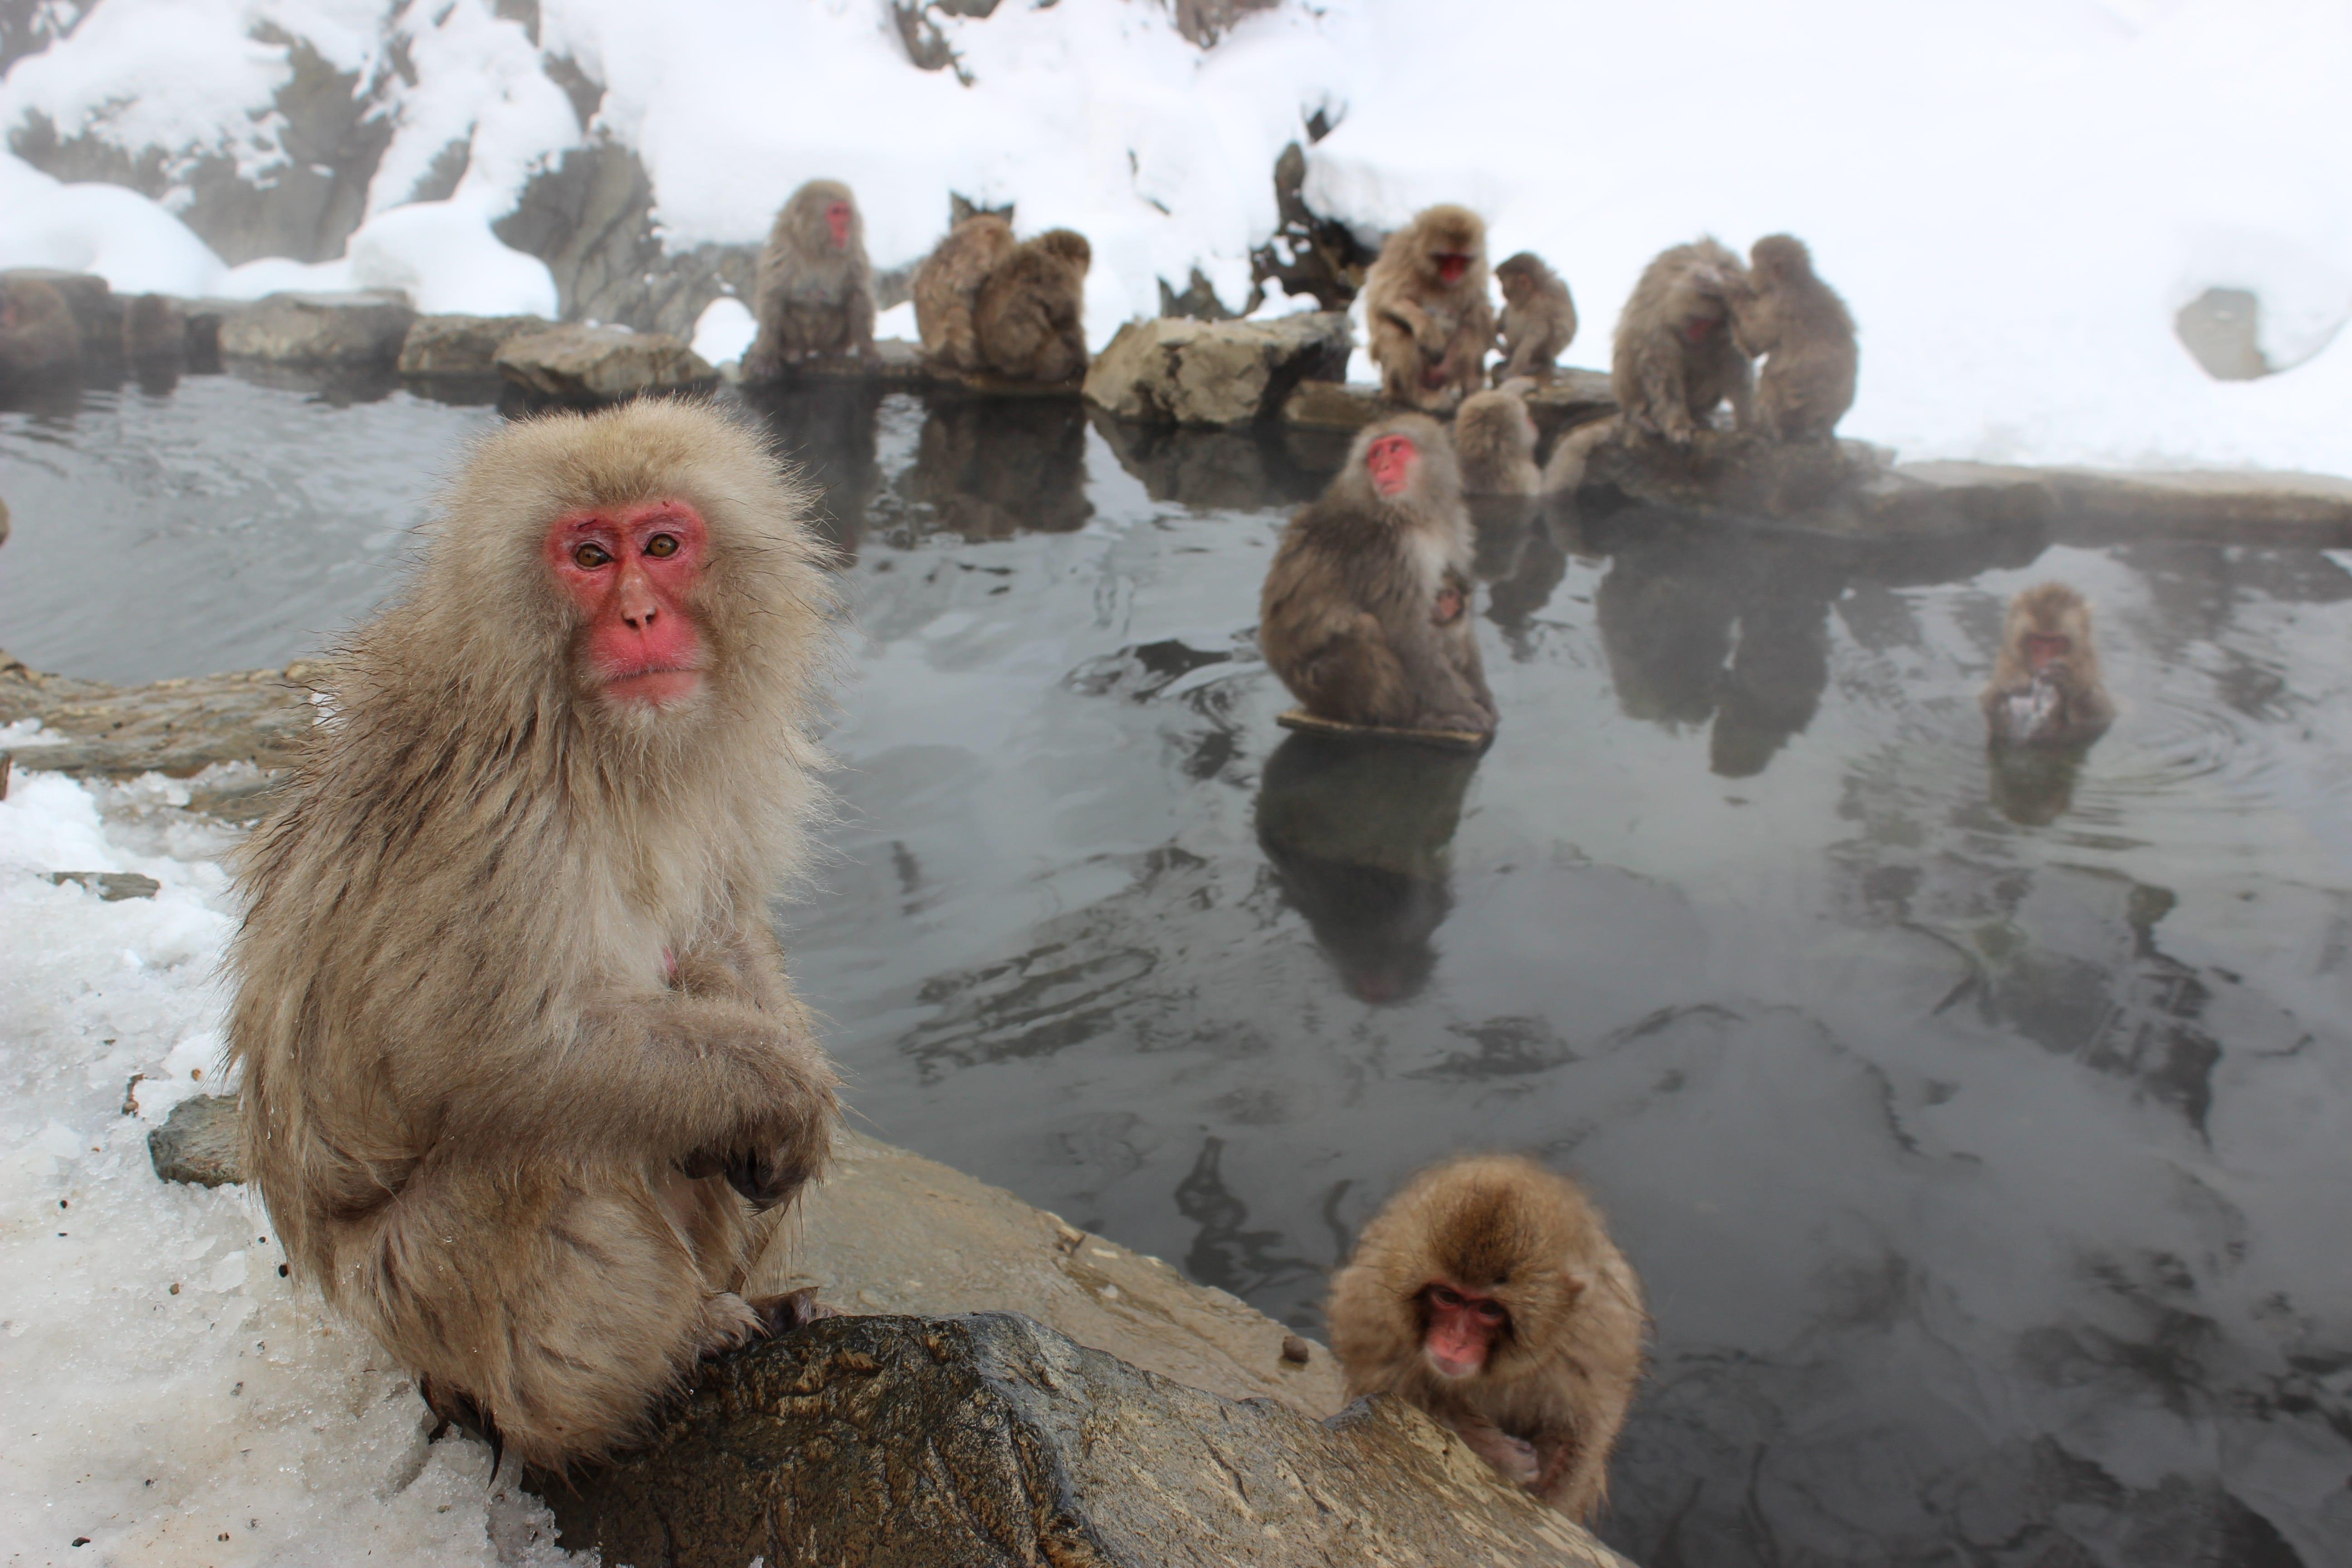 Ученые пришли к выводу что: Макаки снимают стресс и отдыхают в Японских горячих источниках